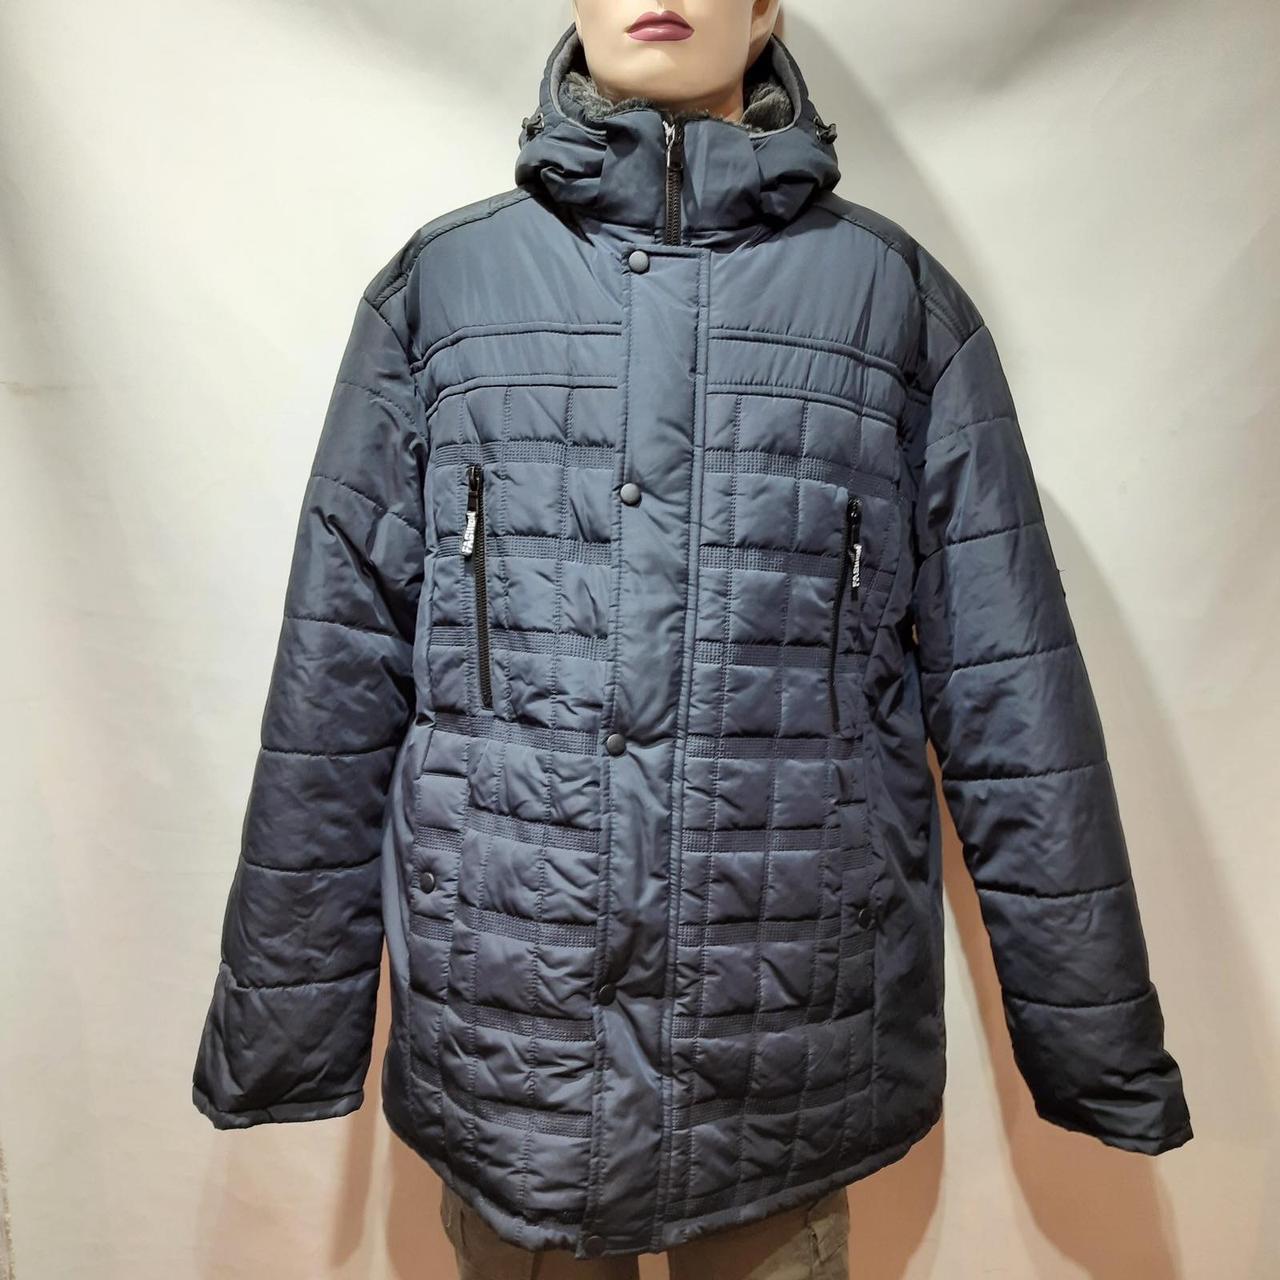 62 р. Чоловіча куртка зимова (Великі розміри) тепла на кашемире з капюшоном чорна Останнє залишилося